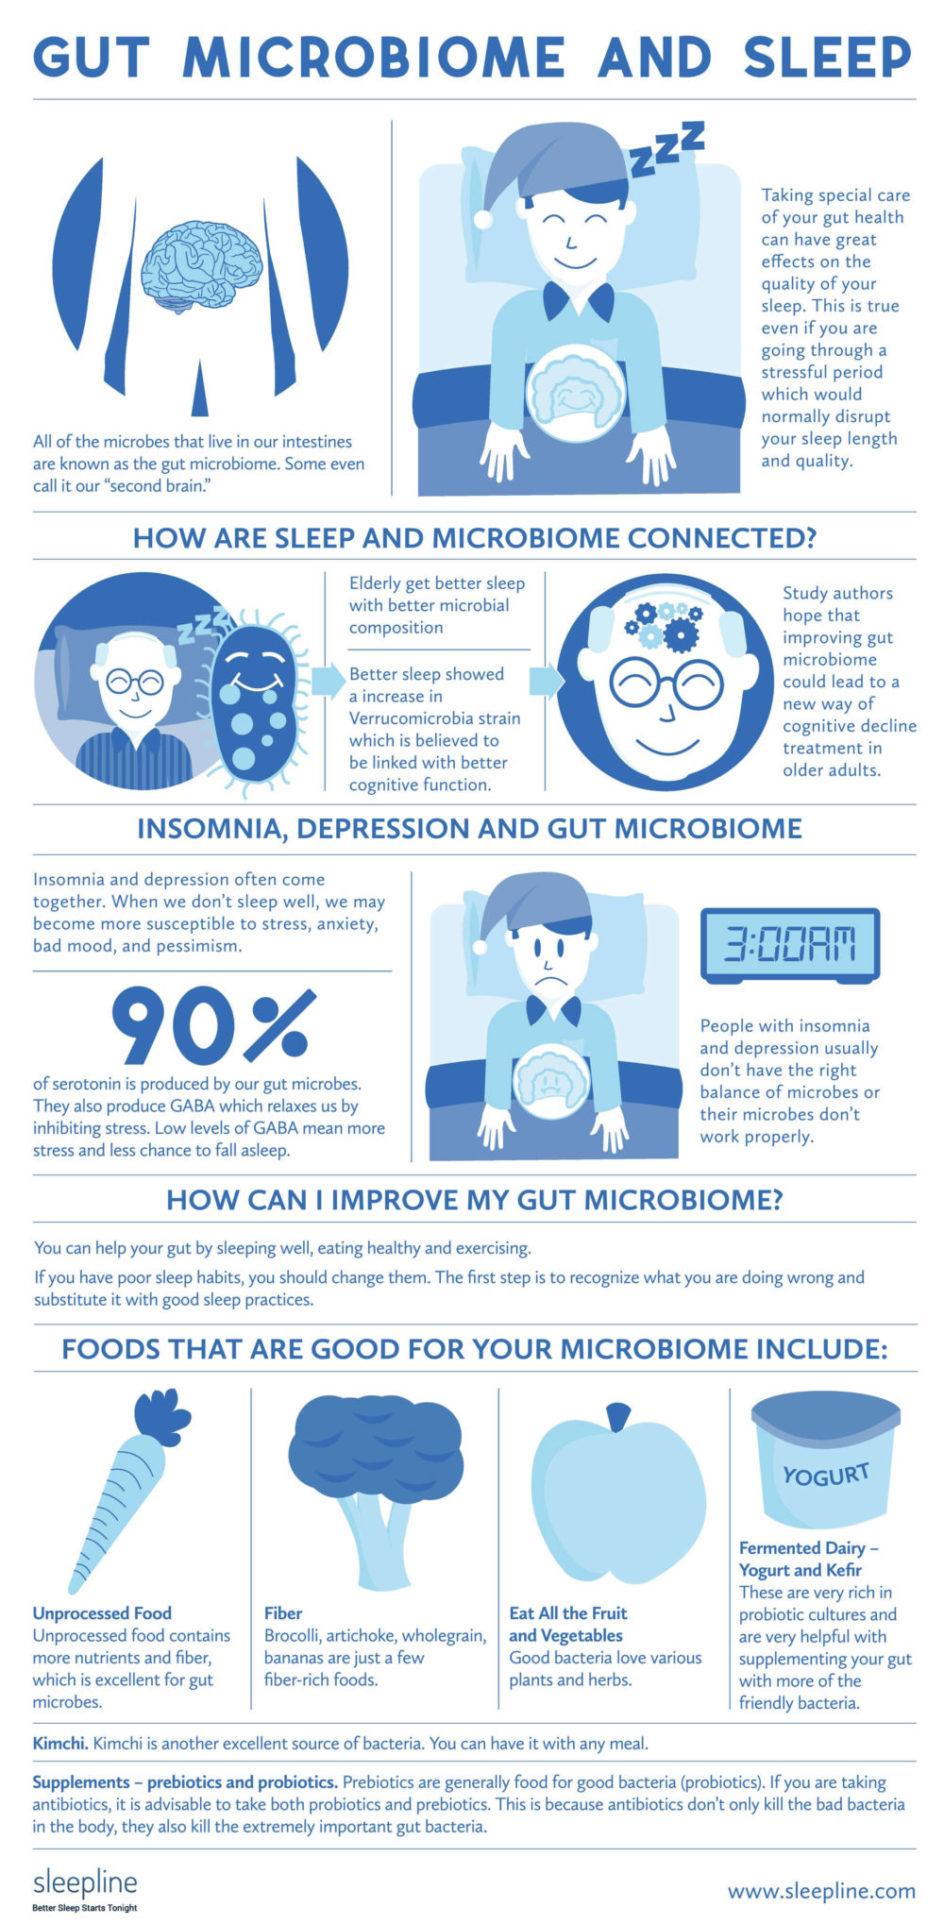 Gut Microbiome And Sleep